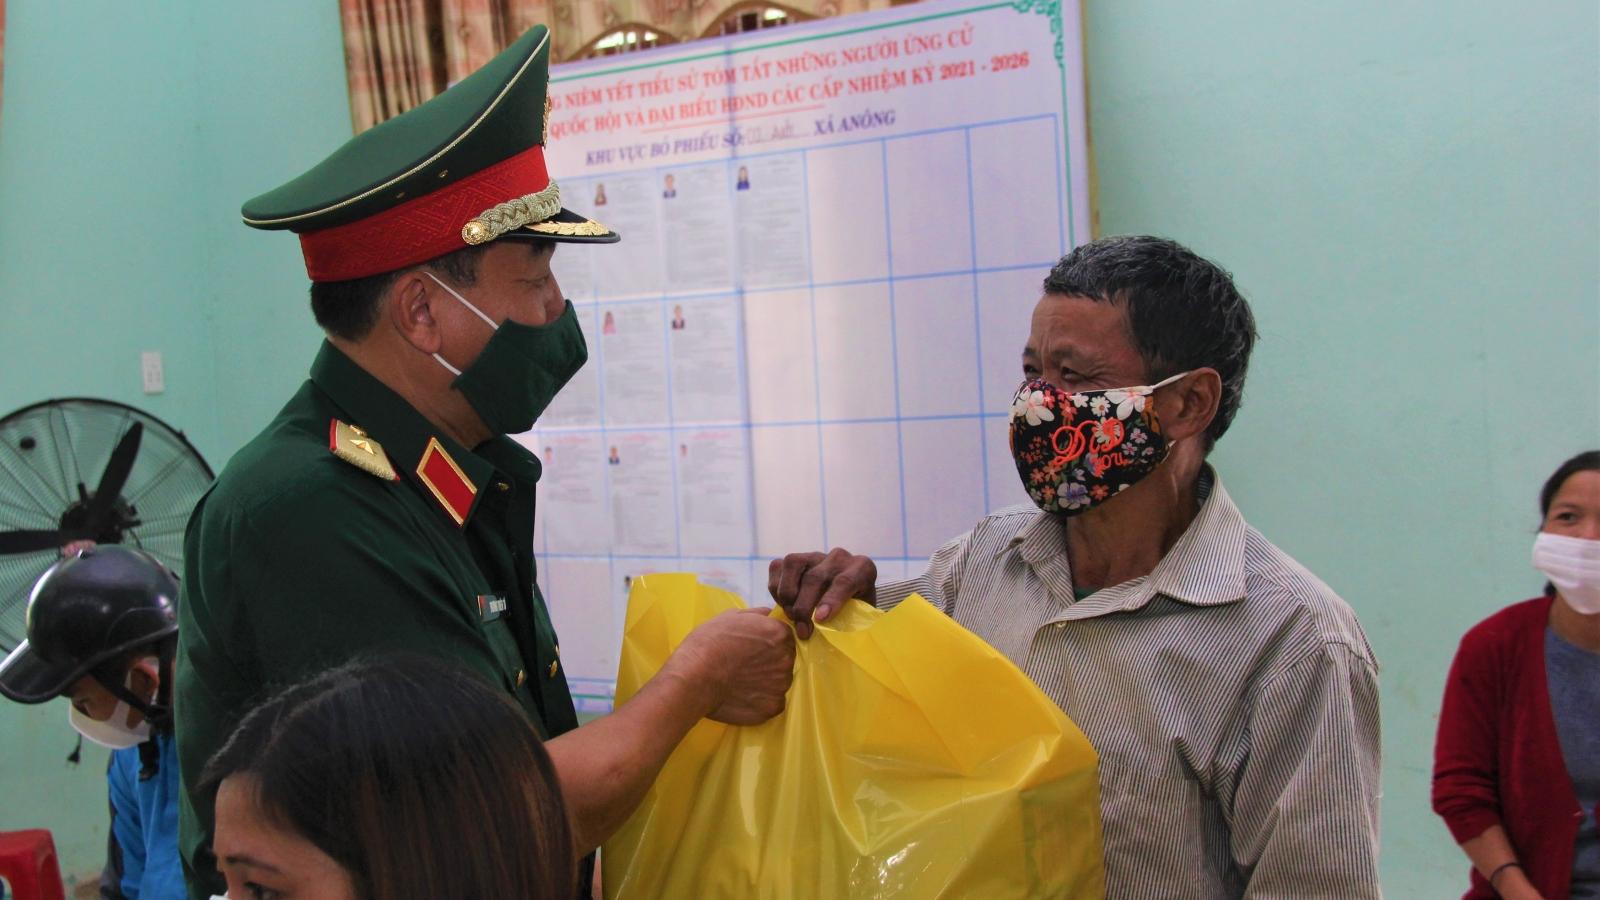 Quân khu 5 tặng quà, khám bệnh, cấp thuốc miễn phí giúp đồng bào vùng khó khăn